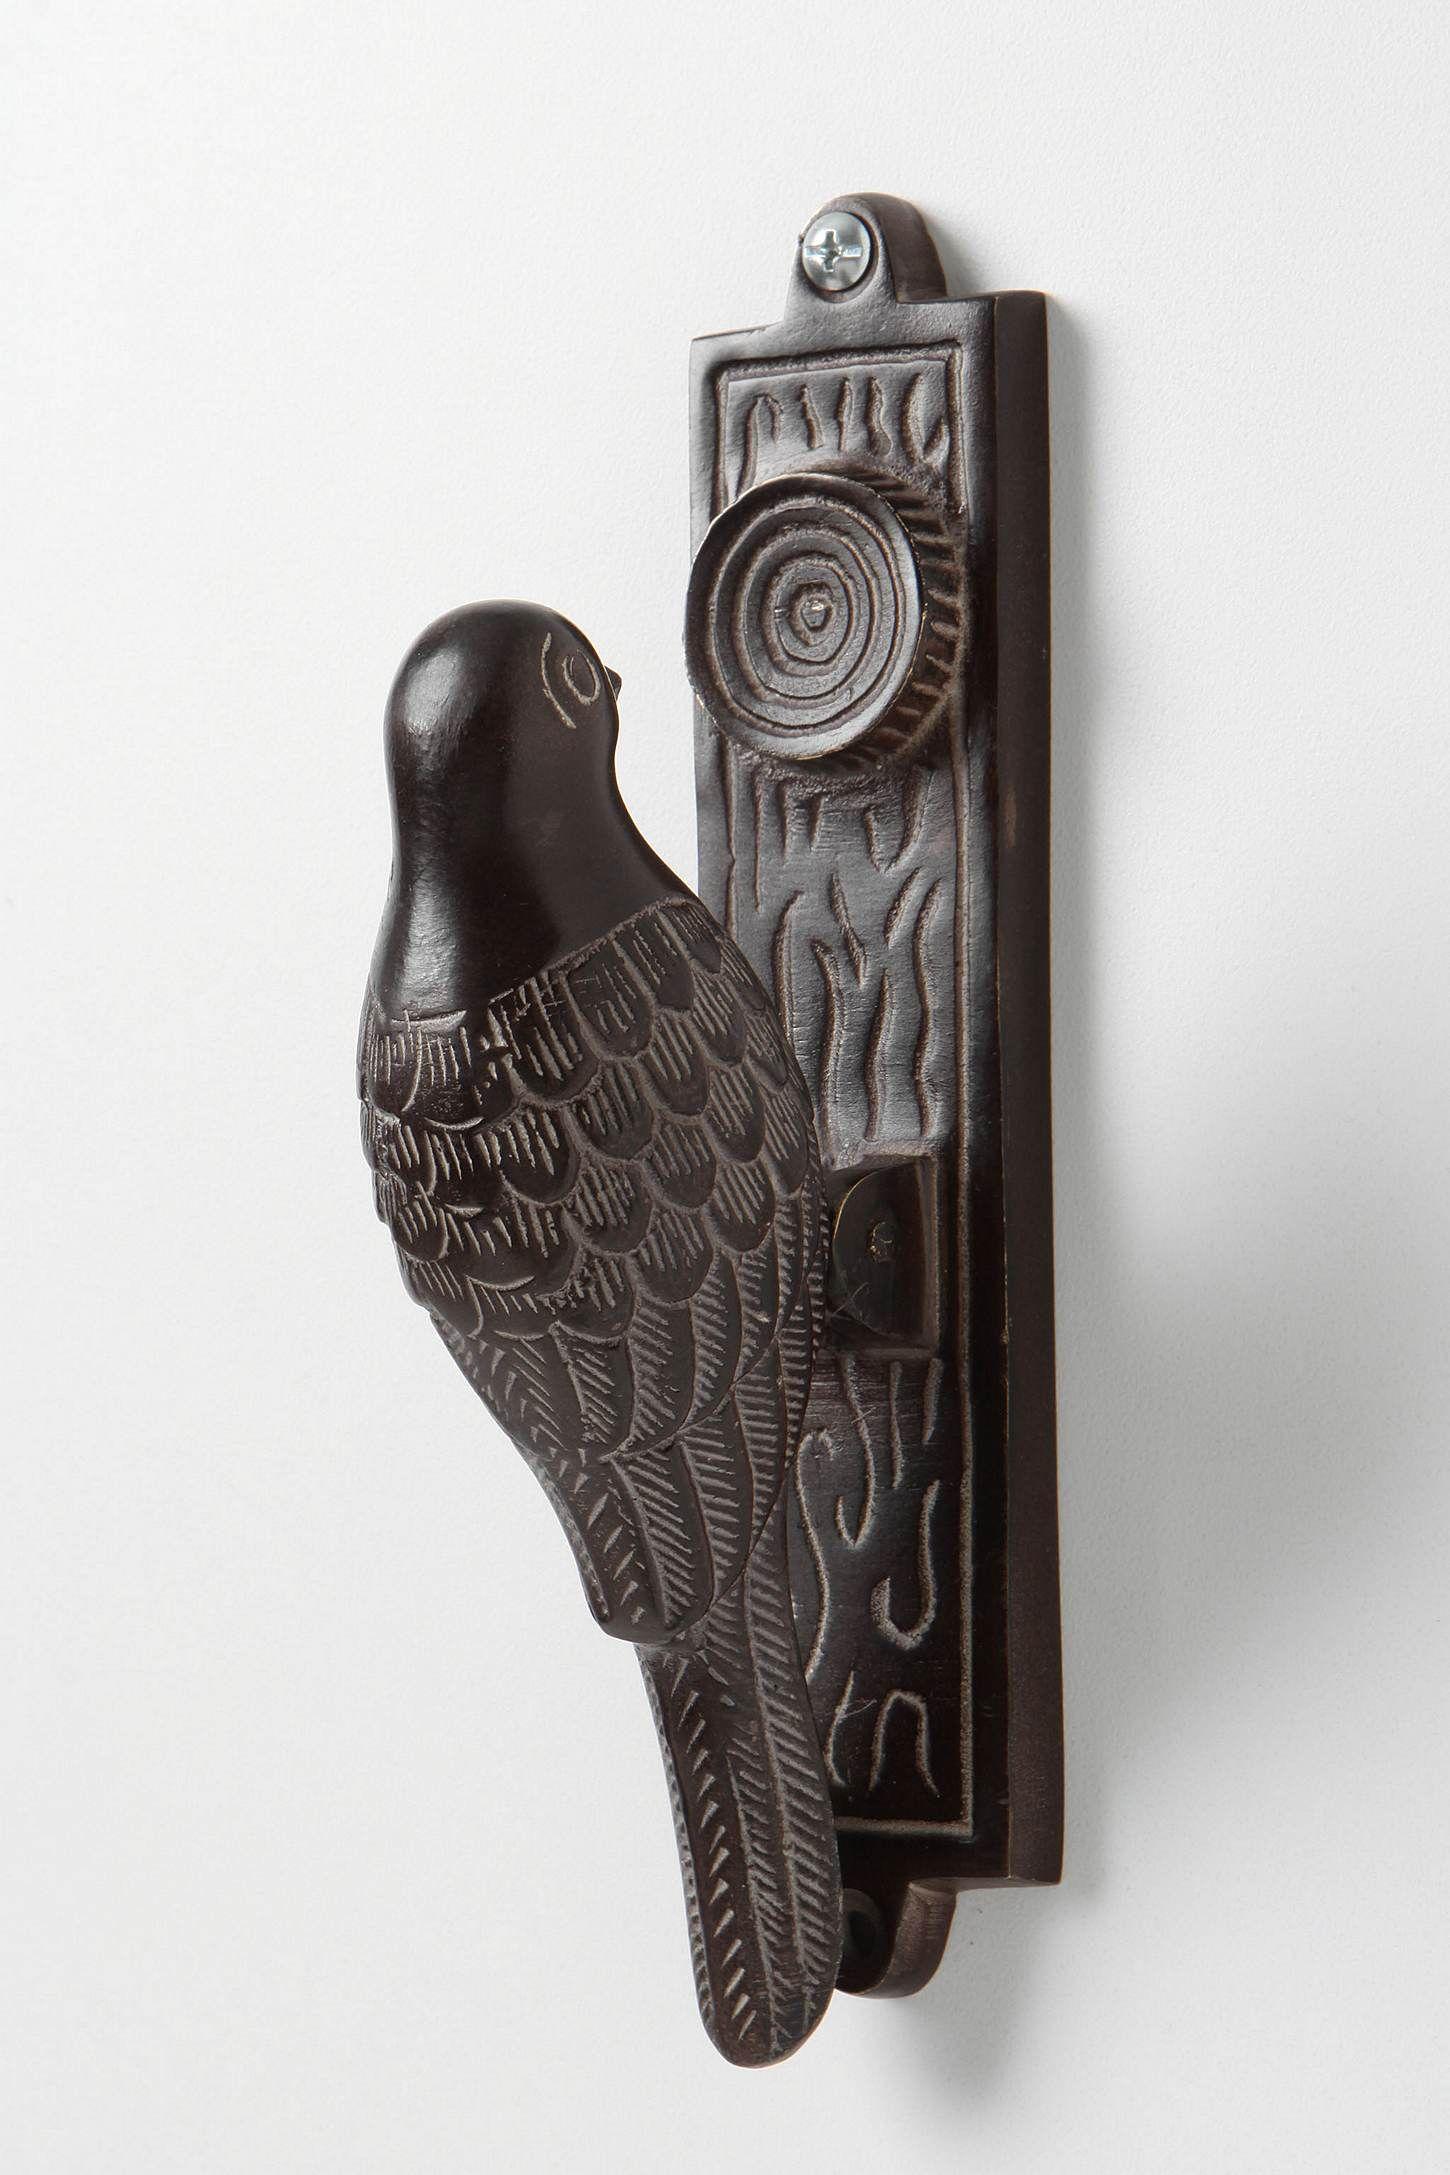 Woodpecker door knocker, $40.00